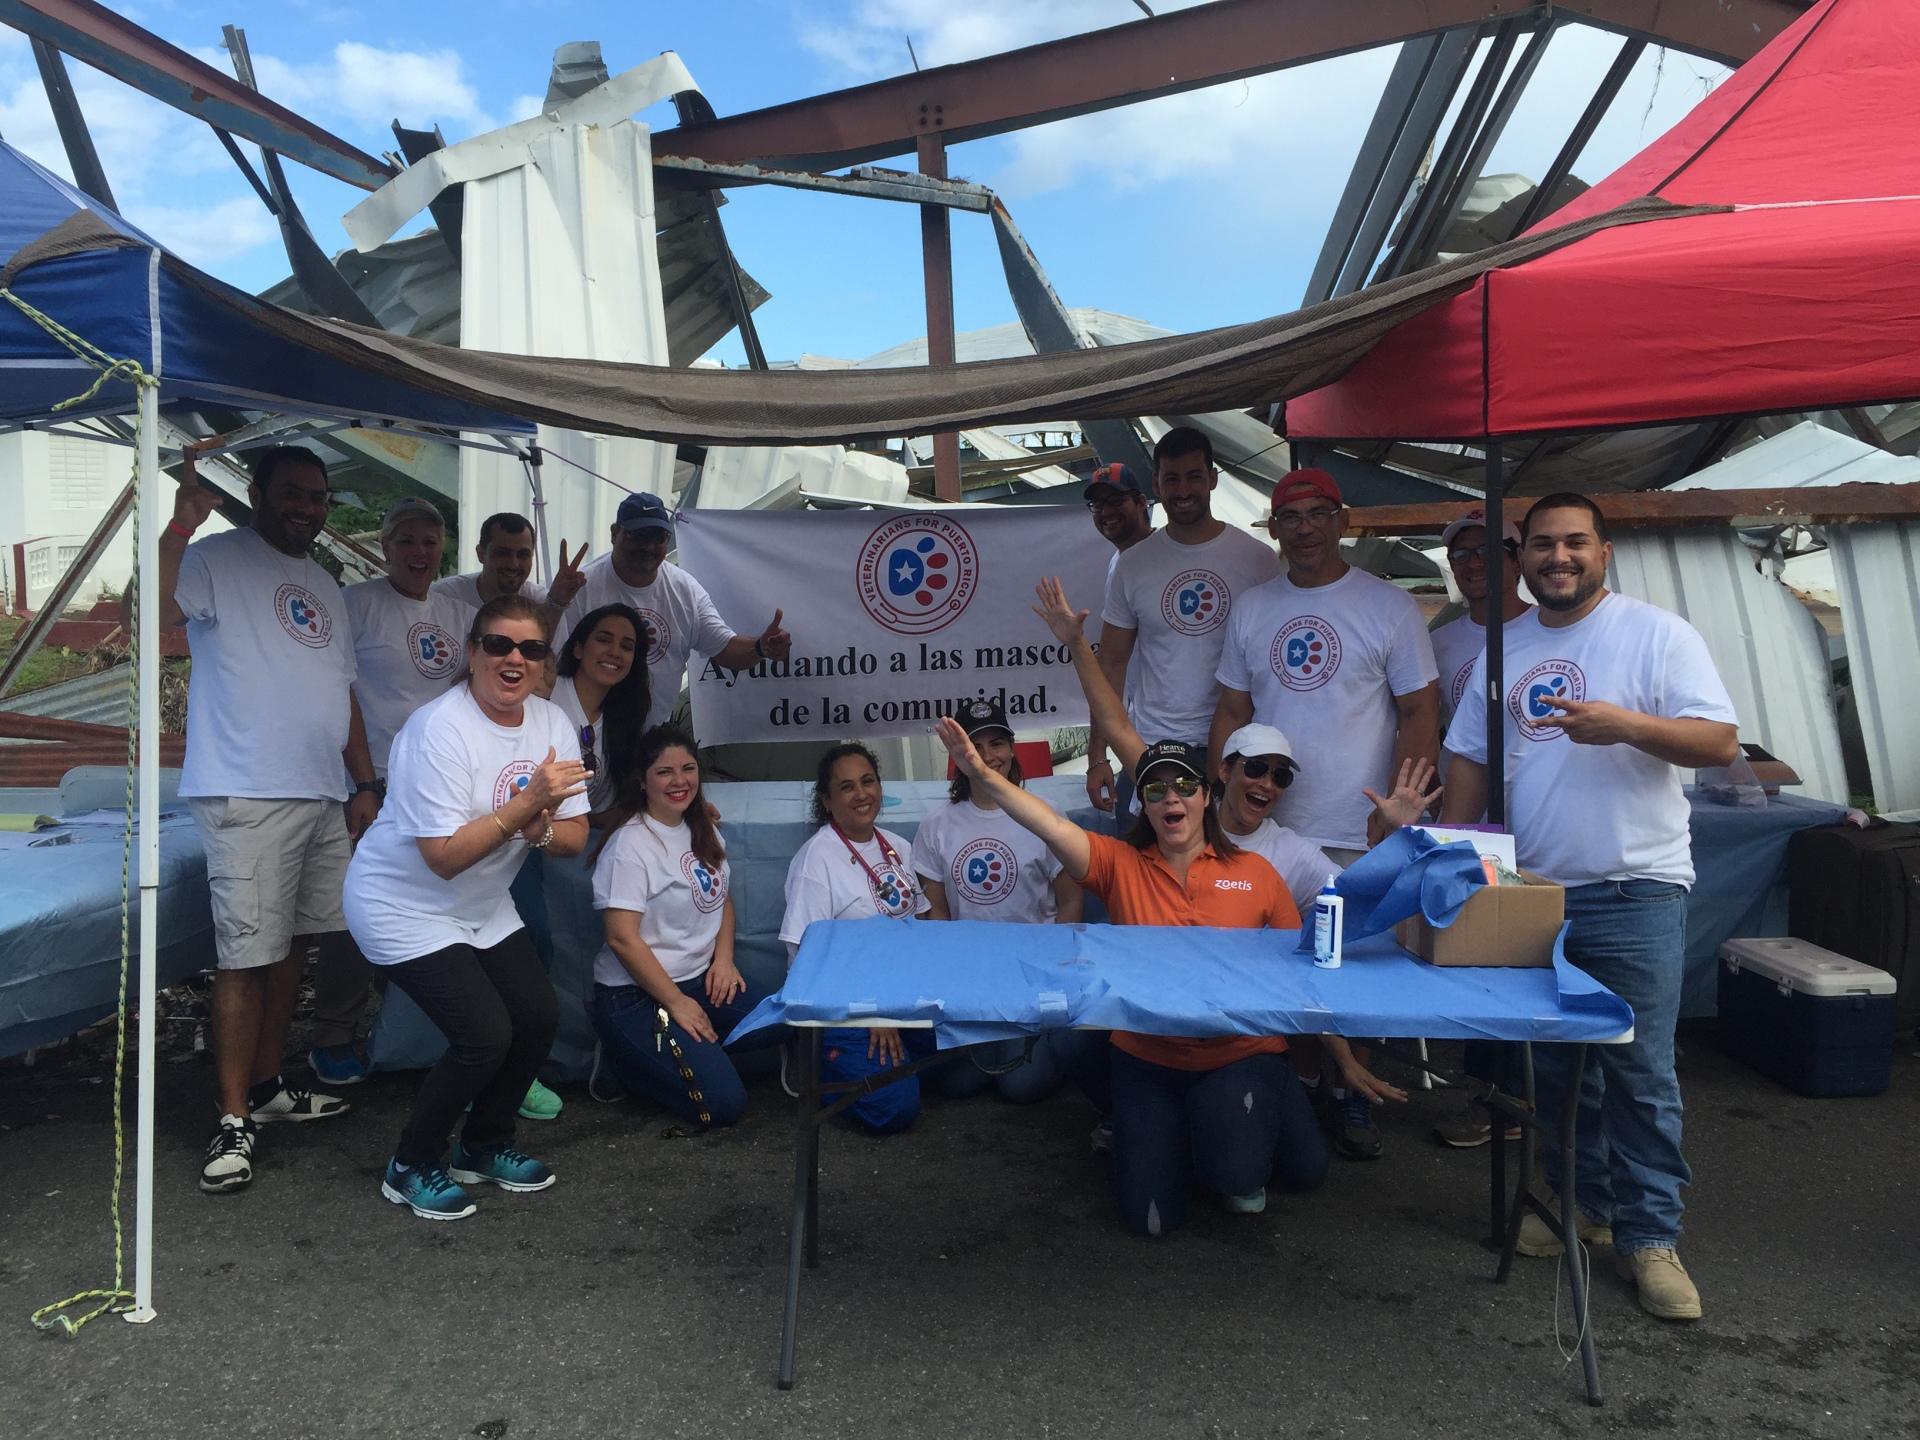 The crew ready to serve the community in Rio Grande